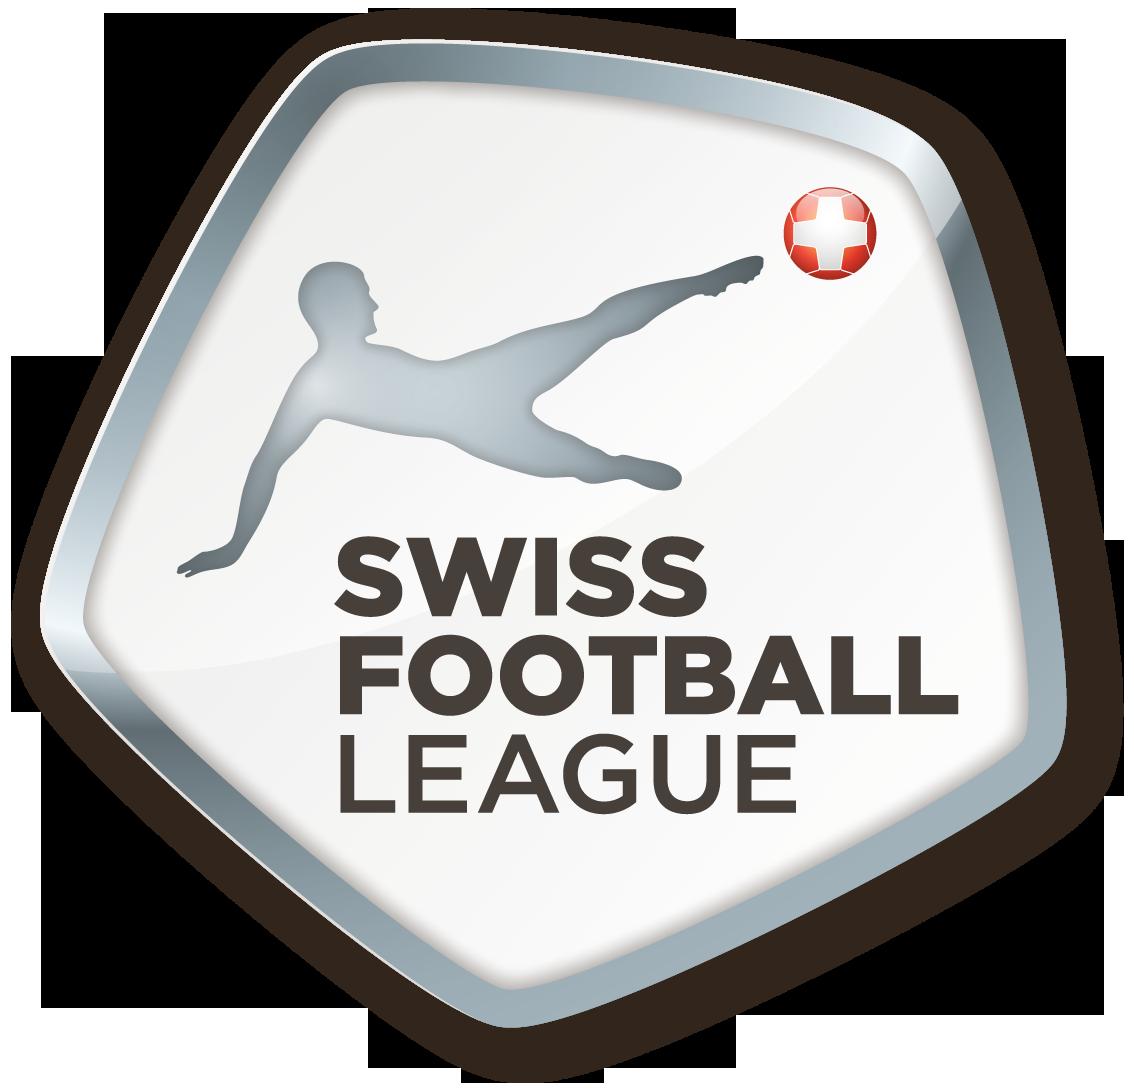 Logo der Swiss Football League